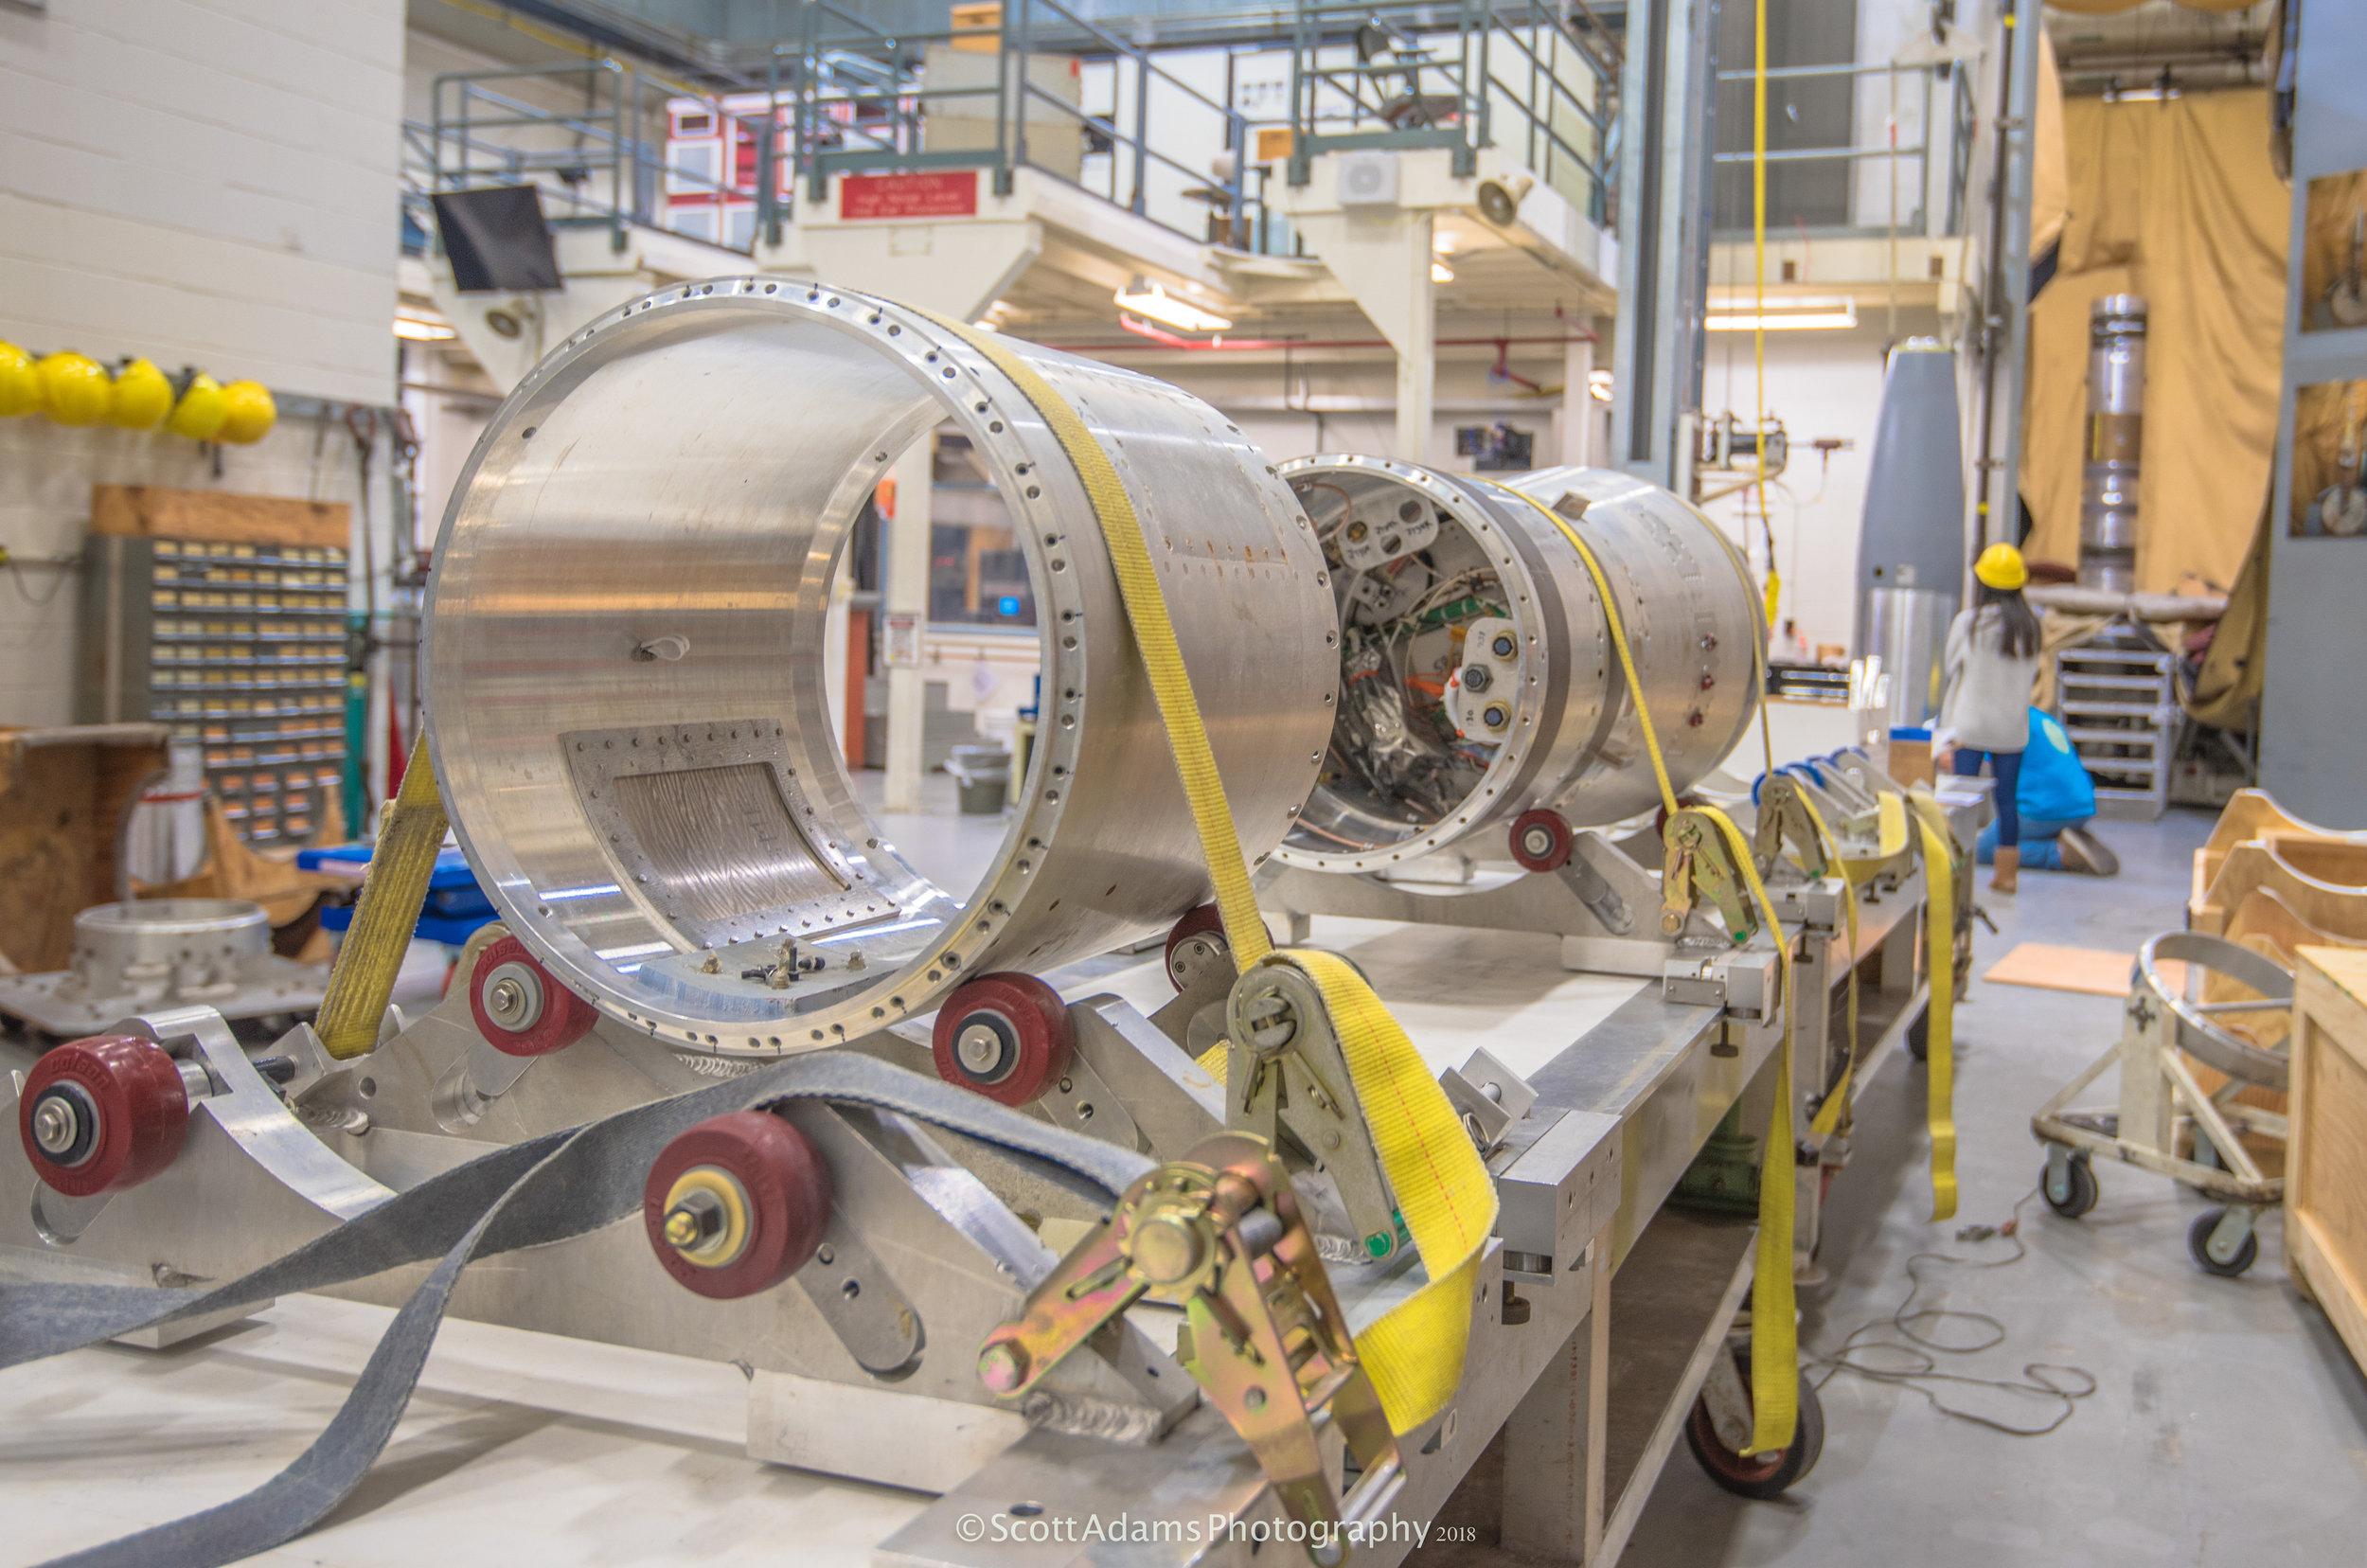 A sounding rocket under construction. (Photo: Scott Adams)